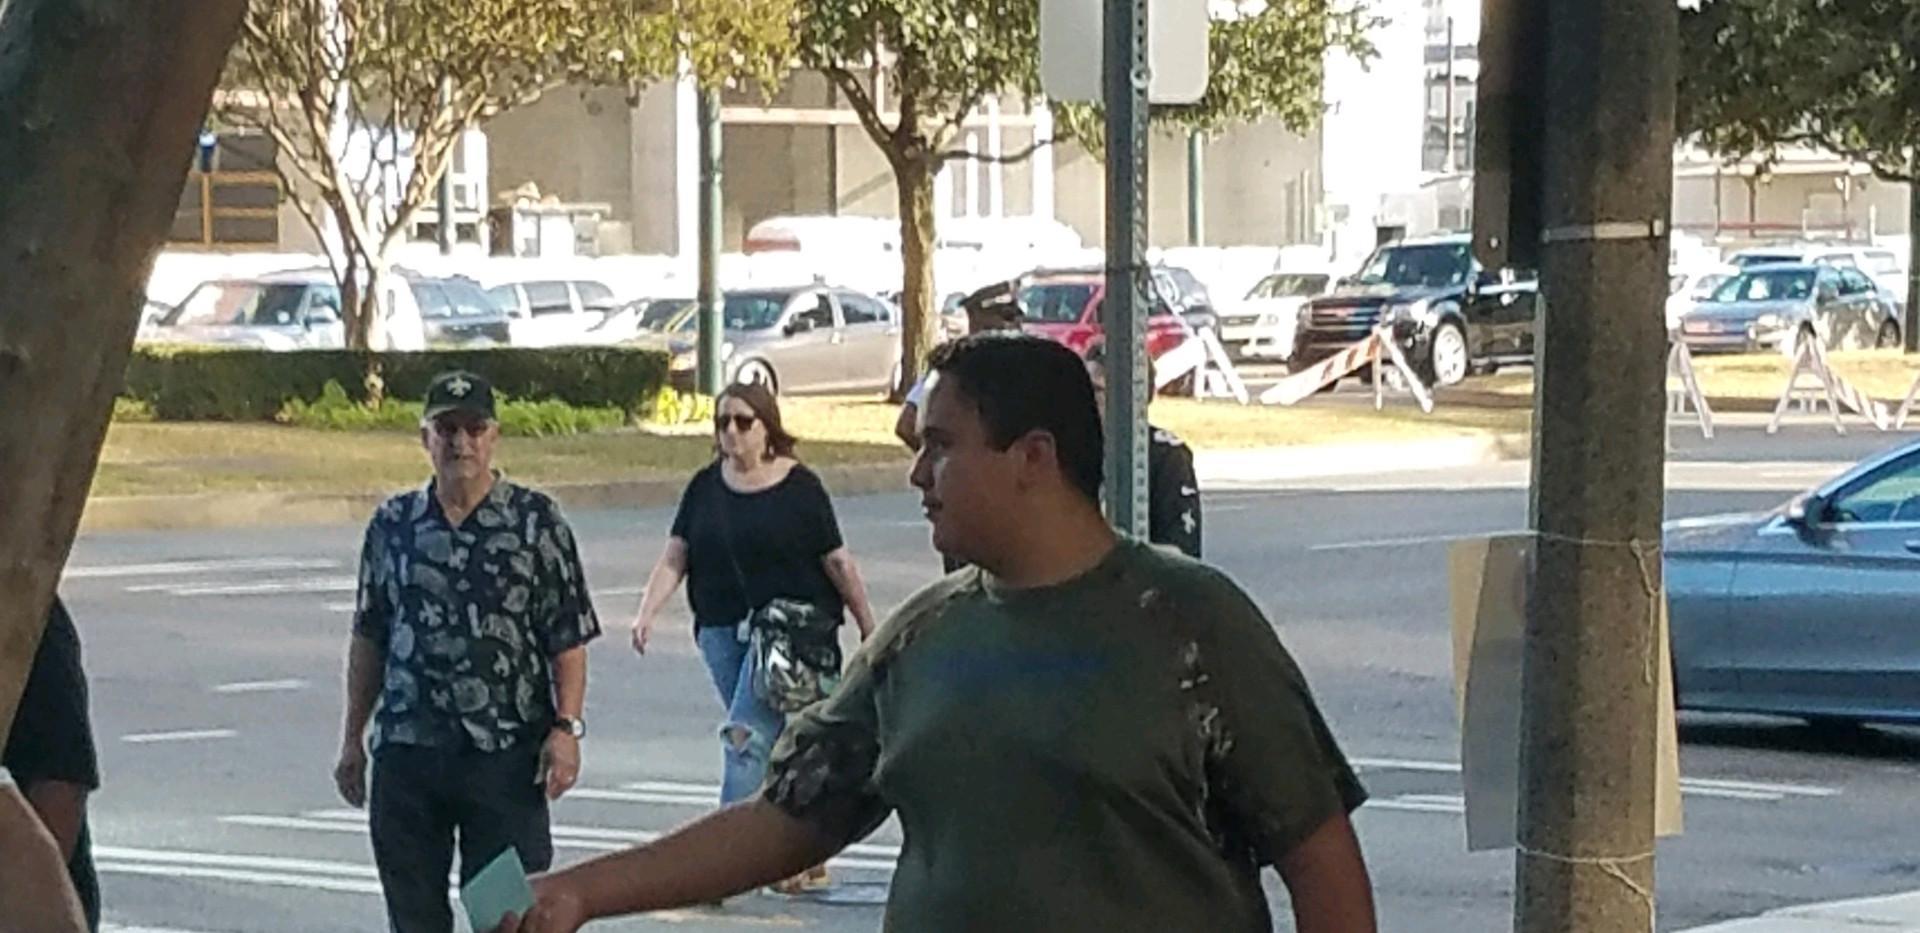 137. New Orleans Saints Outreach - Sept